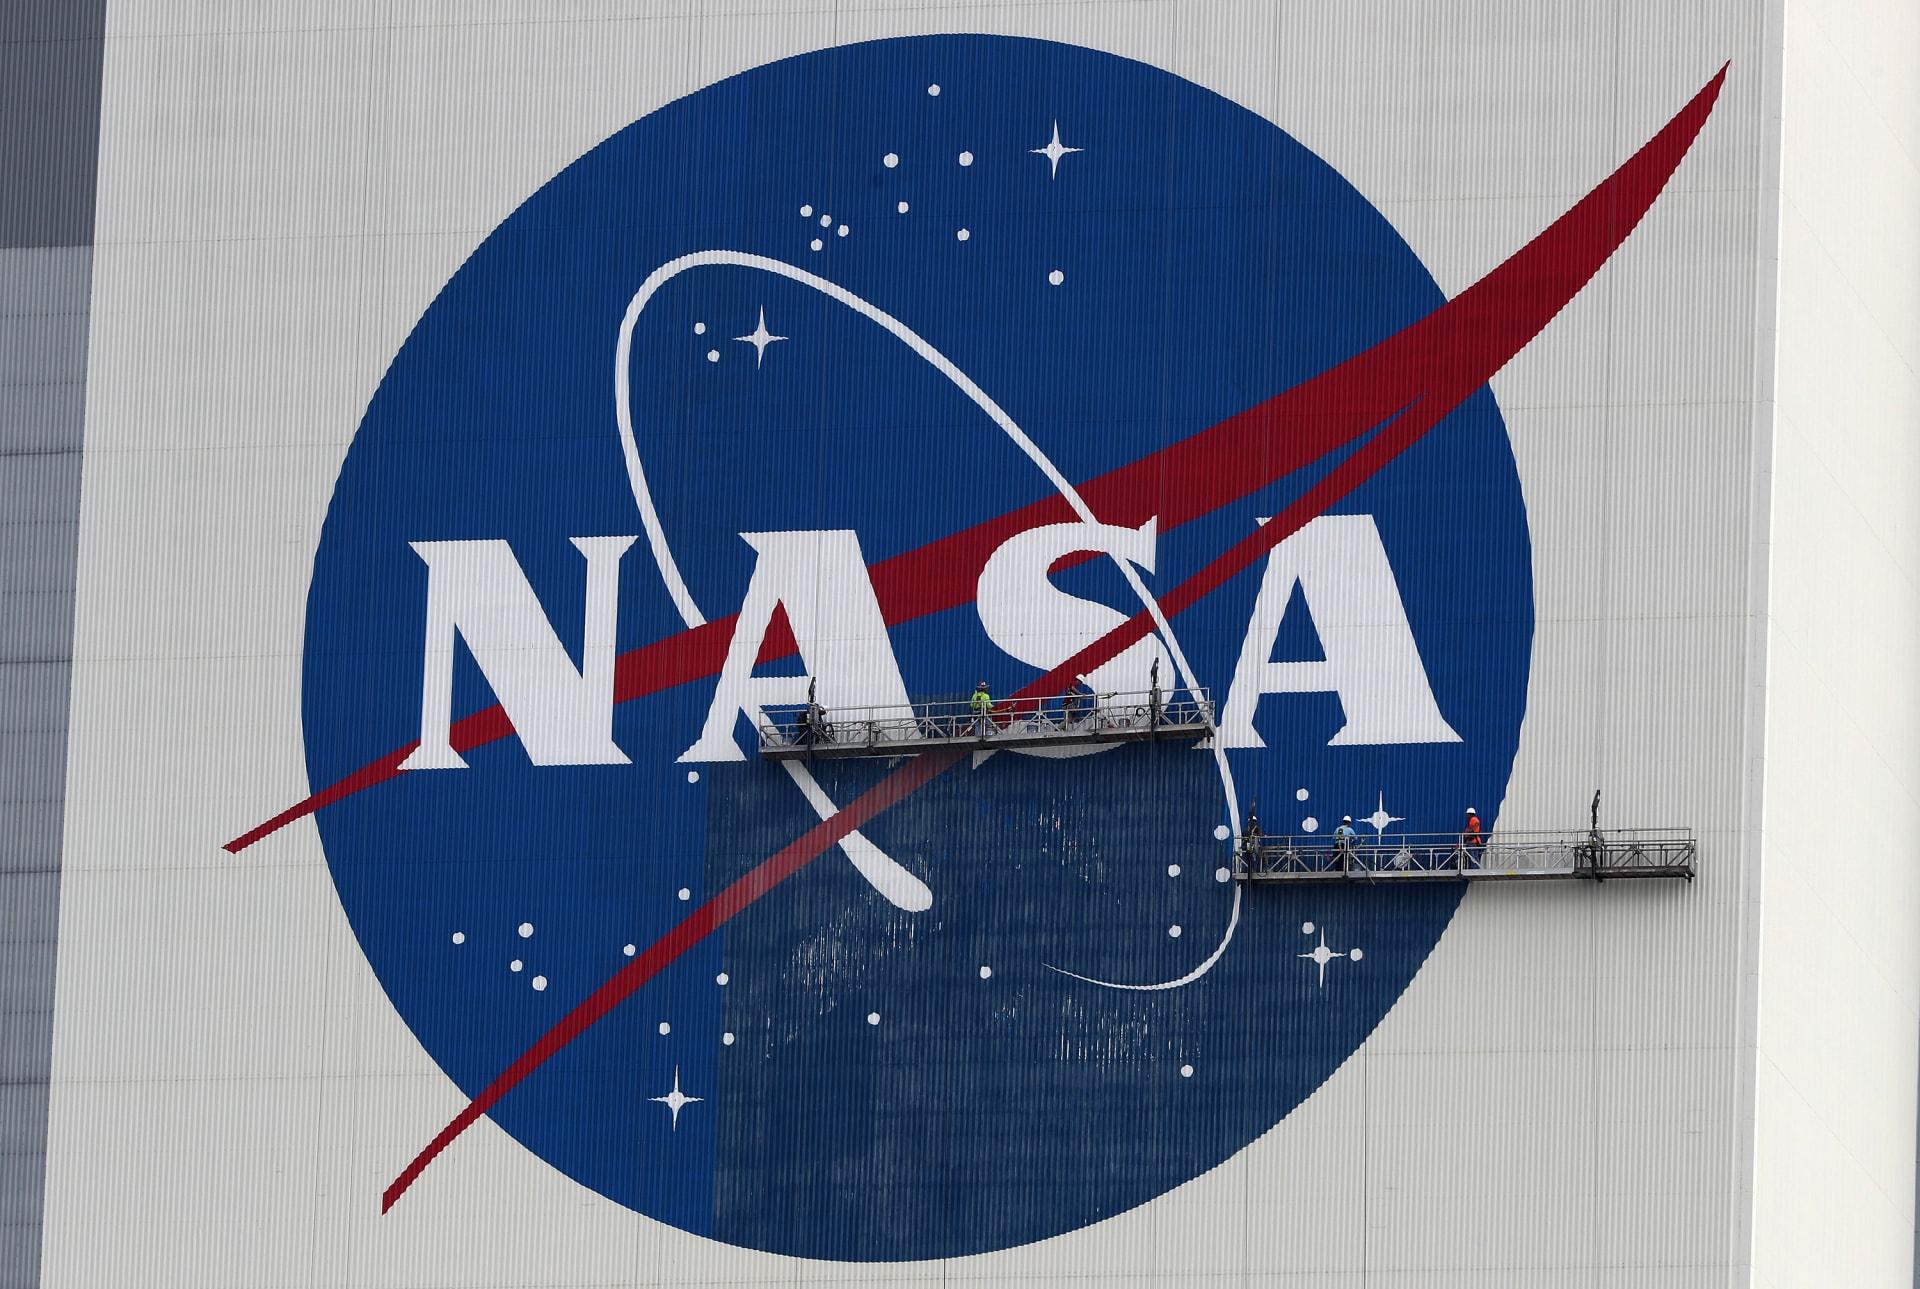 محمد بن راشد يُعلن عن اتفاقية لتدريب رواد فضاء إماراتيين في (ناسا)